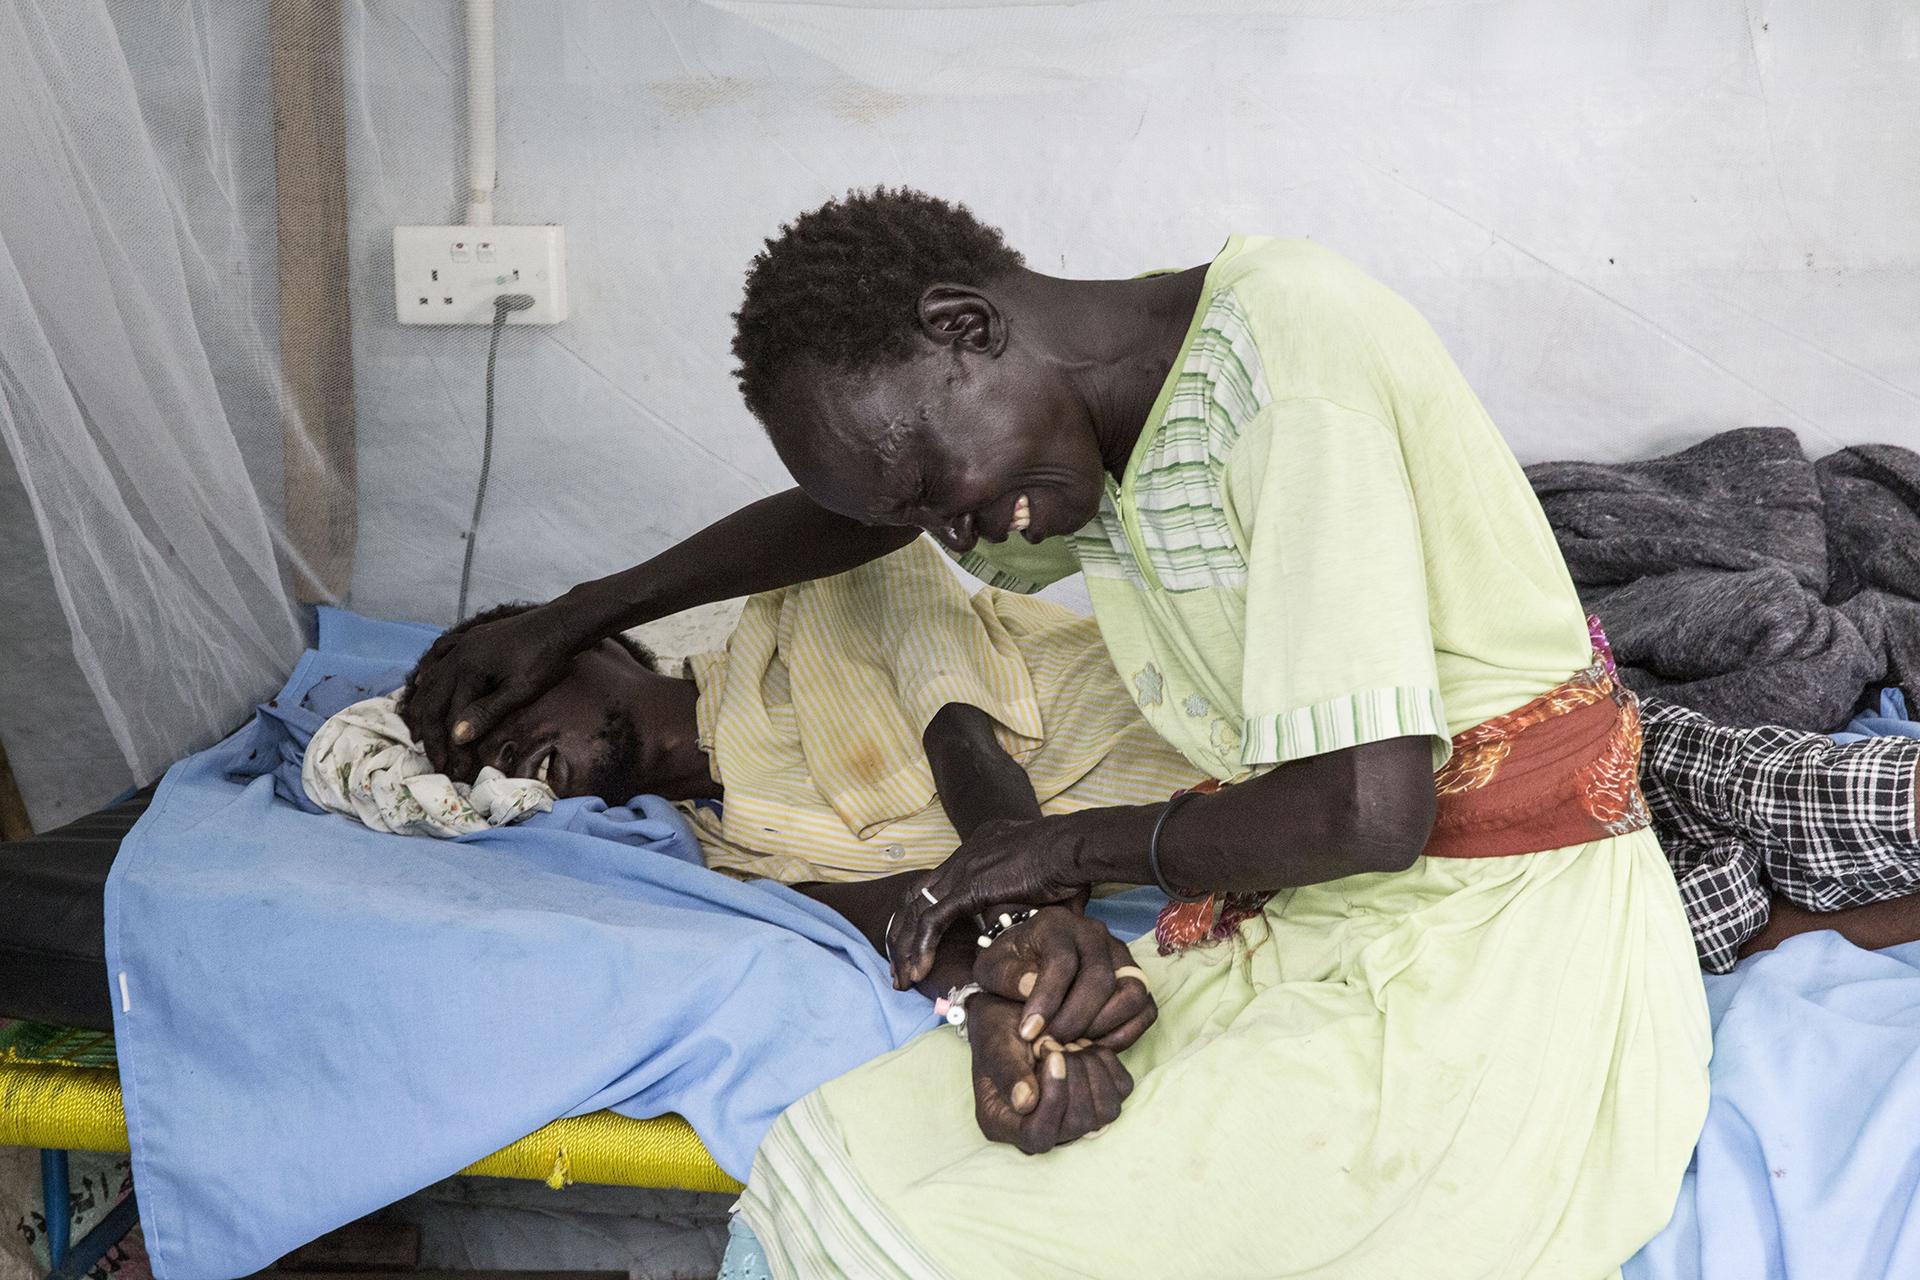 Una mujer llorando por su familiar enfermo en el hospital de MSF en el Centro de Protección de Civiles de las Naciones Unidas en Malakal, Sudán del Sur (©Anna Surinyach)